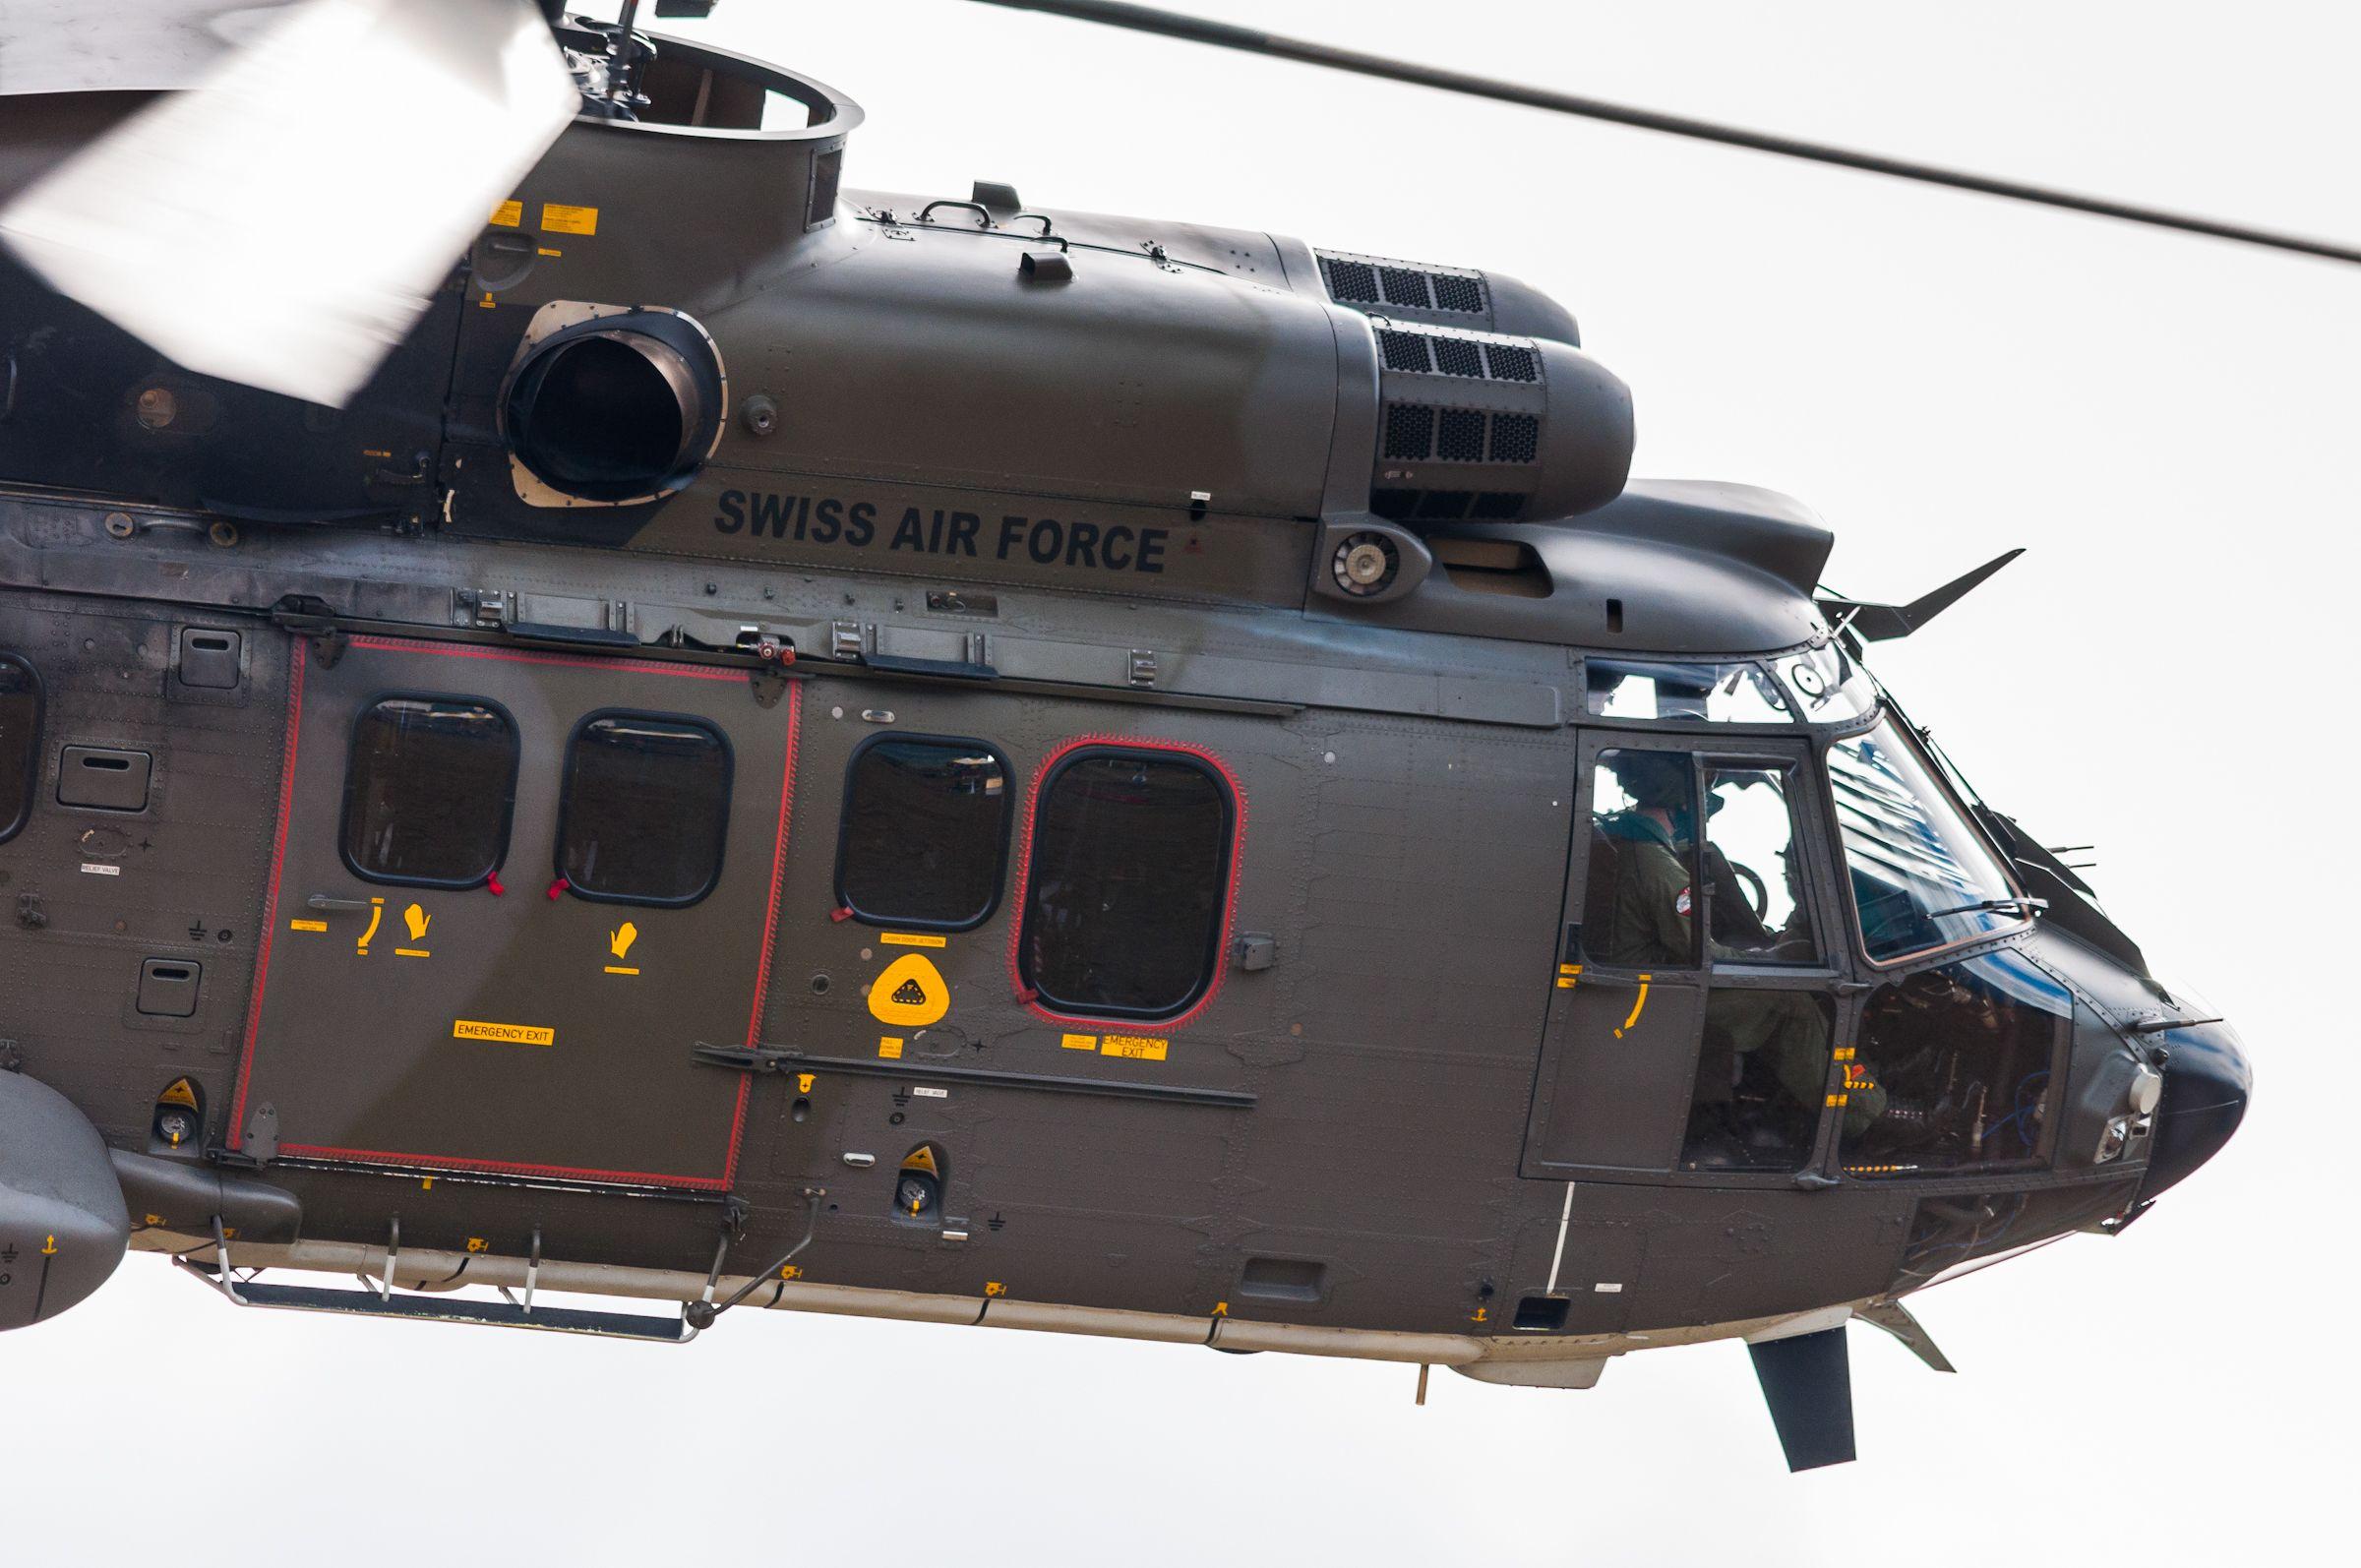 Air force live fire event Axalp 2012 - 10-11 Oct 2012 - Pagina 2 0001103